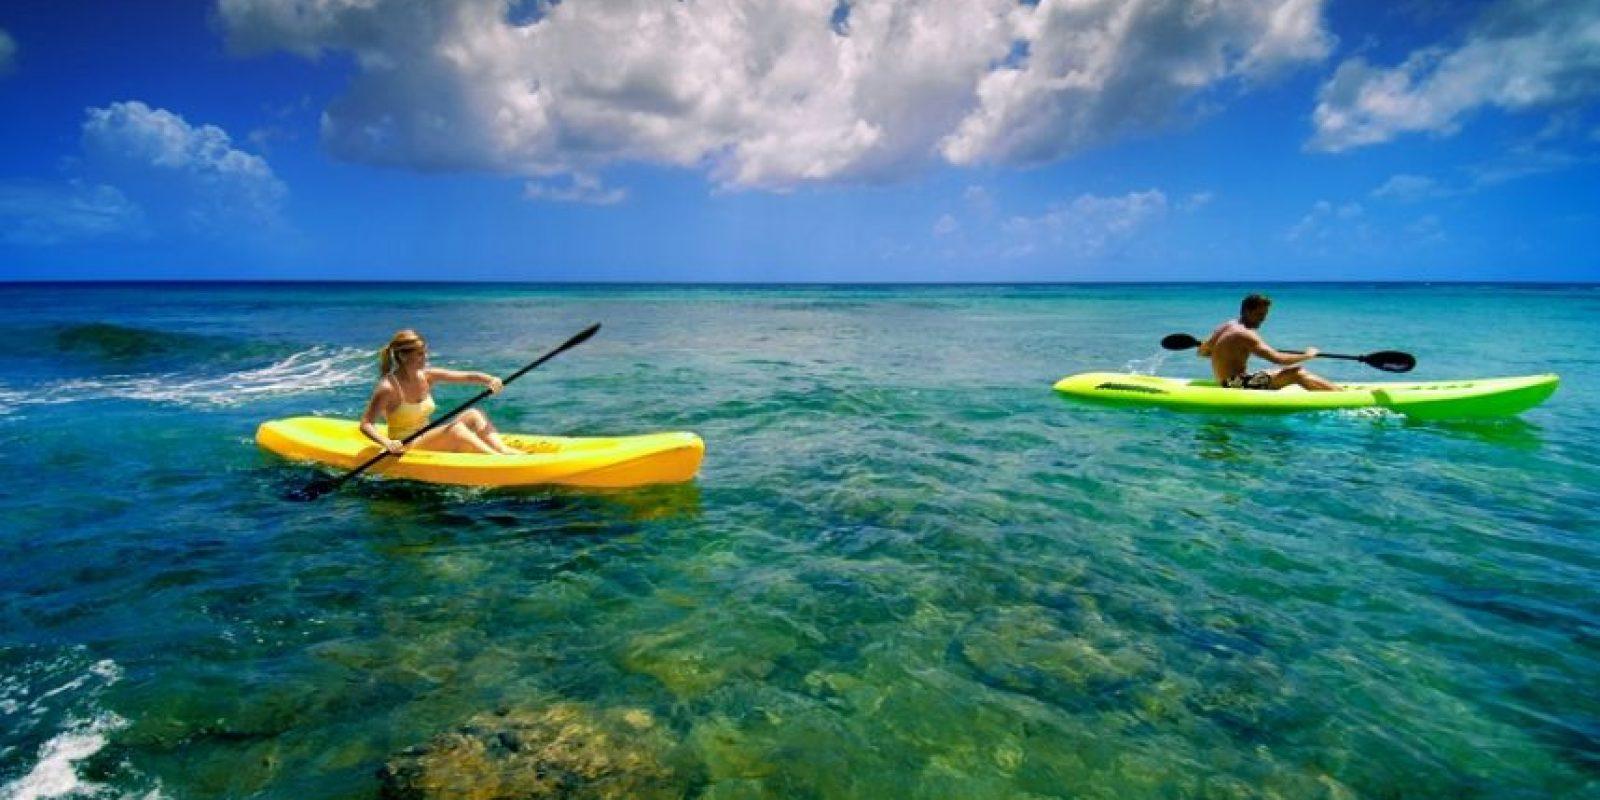 4- Barbados. La isla antillana del Caribe cuenta desde su lado oeste con aguas tranquilas y un entorno perfecto para bañarte. Al este, enormes olas de competición para aquellos amantes de surf. ¿Lo mejor? Donde quiera que te alojes, encontrarás aguas de color turquesa, playas de arena fina, cruceros en catamarán y deliciosa comida isleña. Foto:Fuente externa